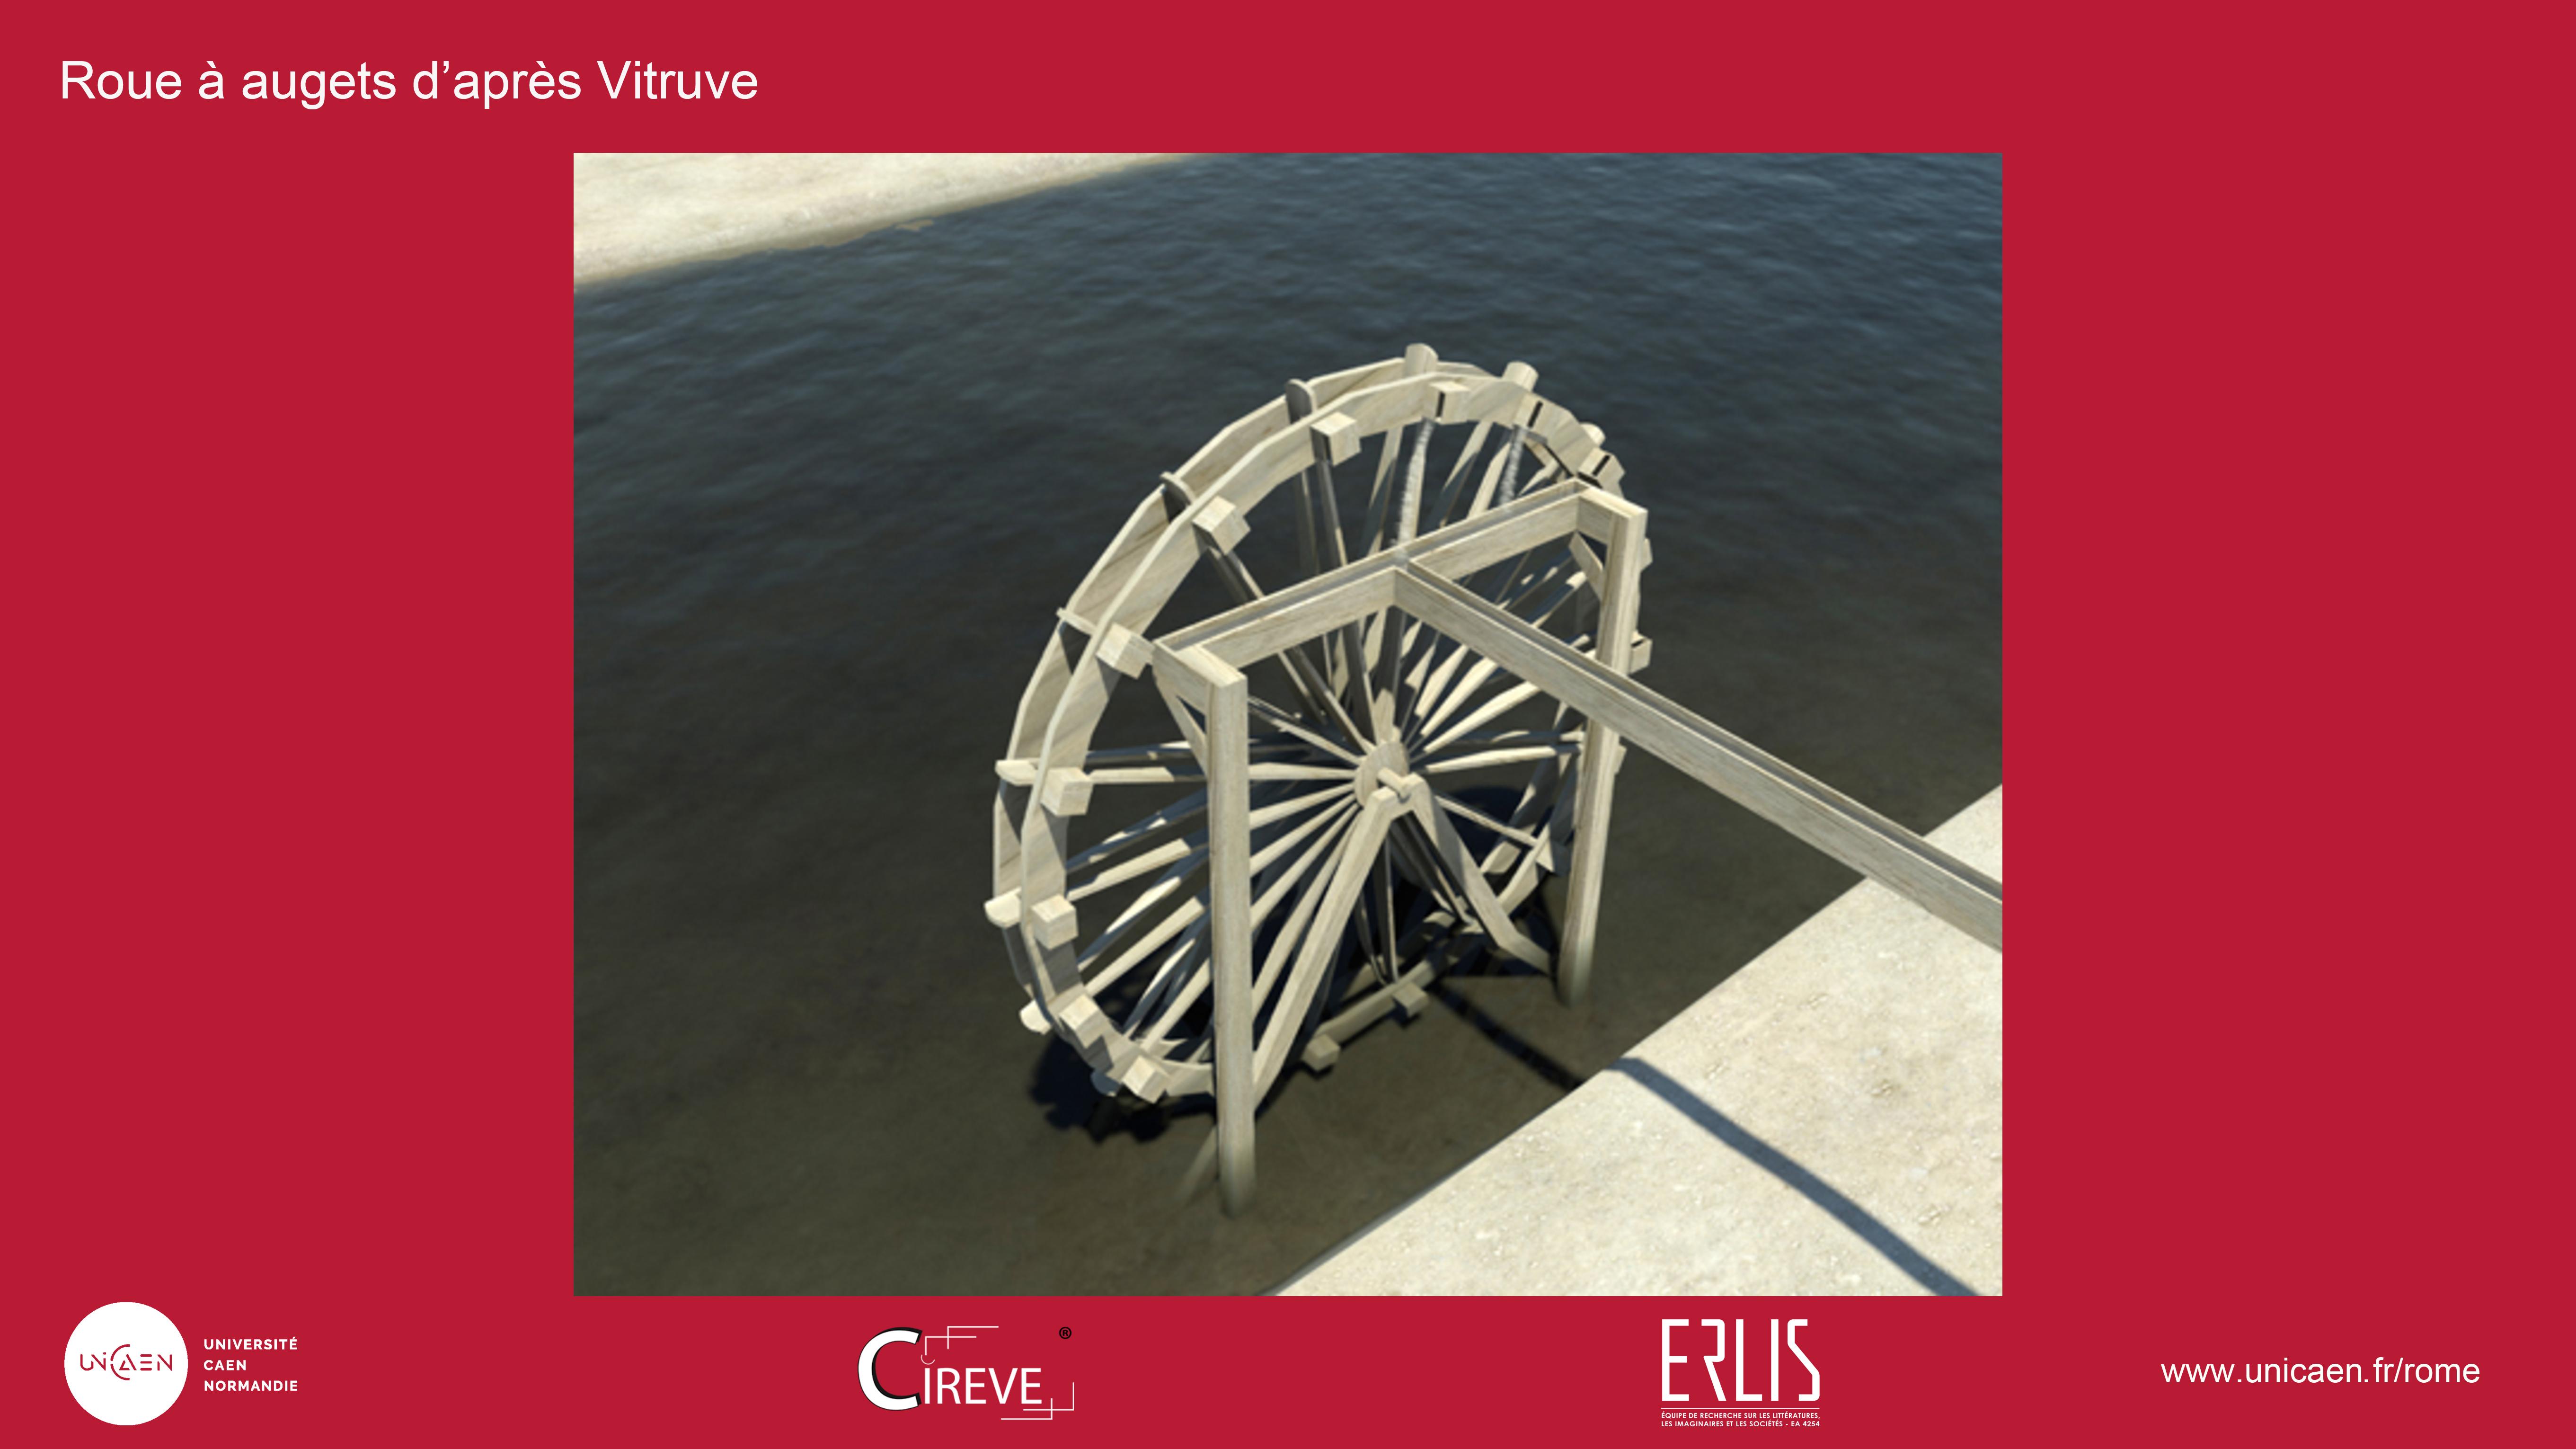 Roue à augets selon Vitruve